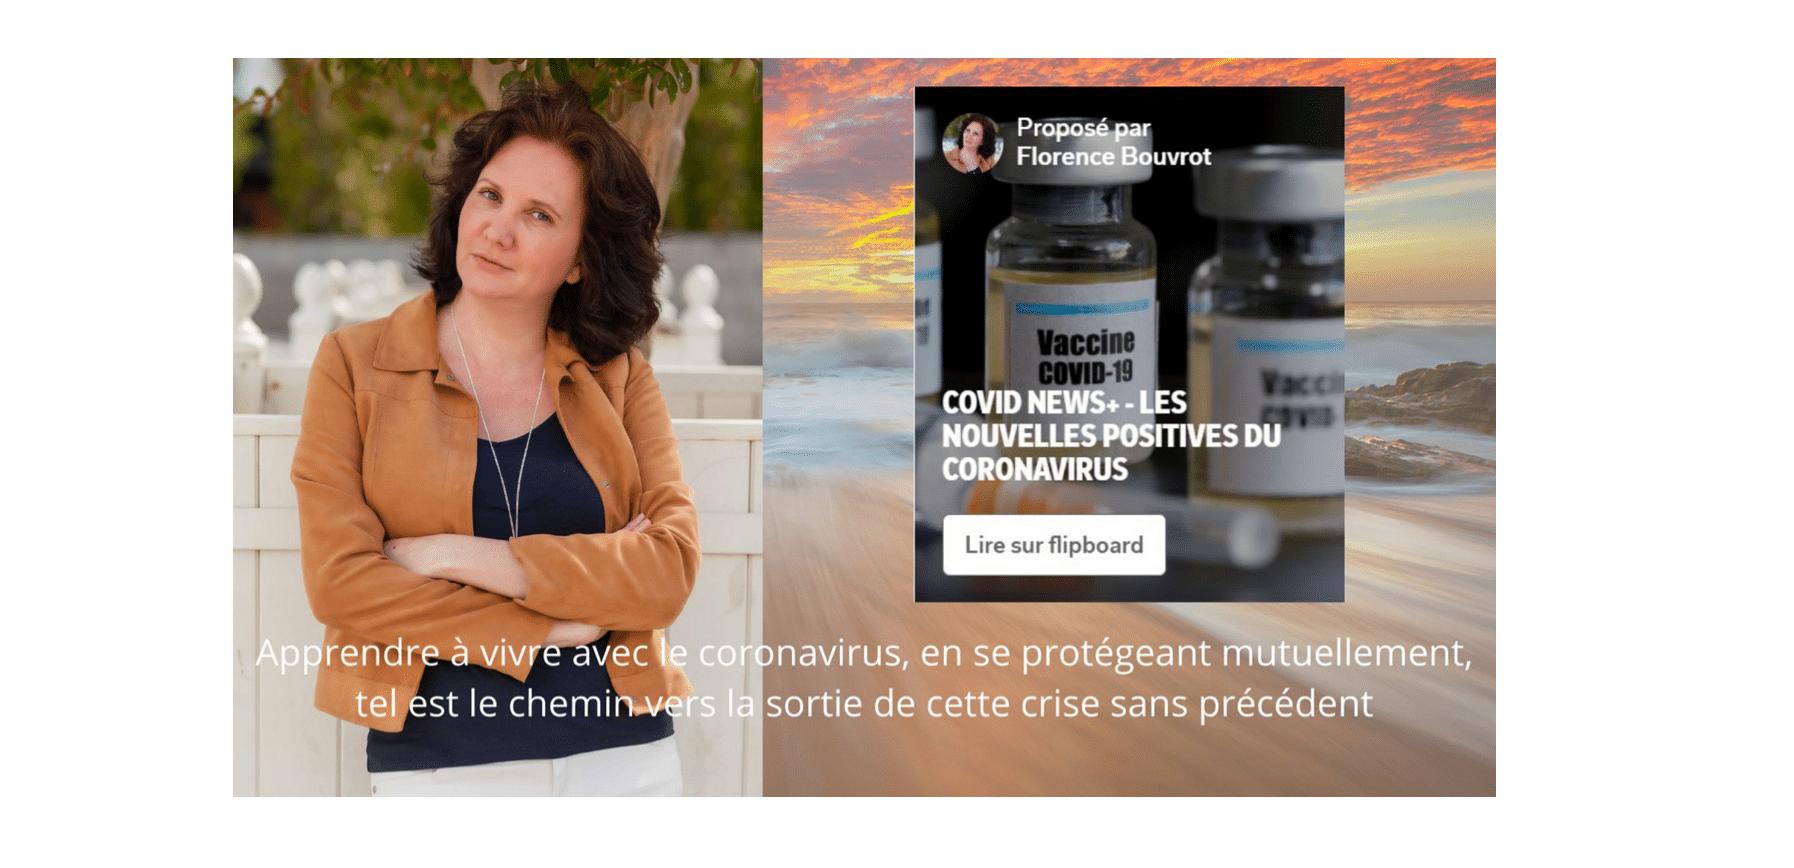 Covid News+ - Les nouvelles positives du Coronavirus cover image